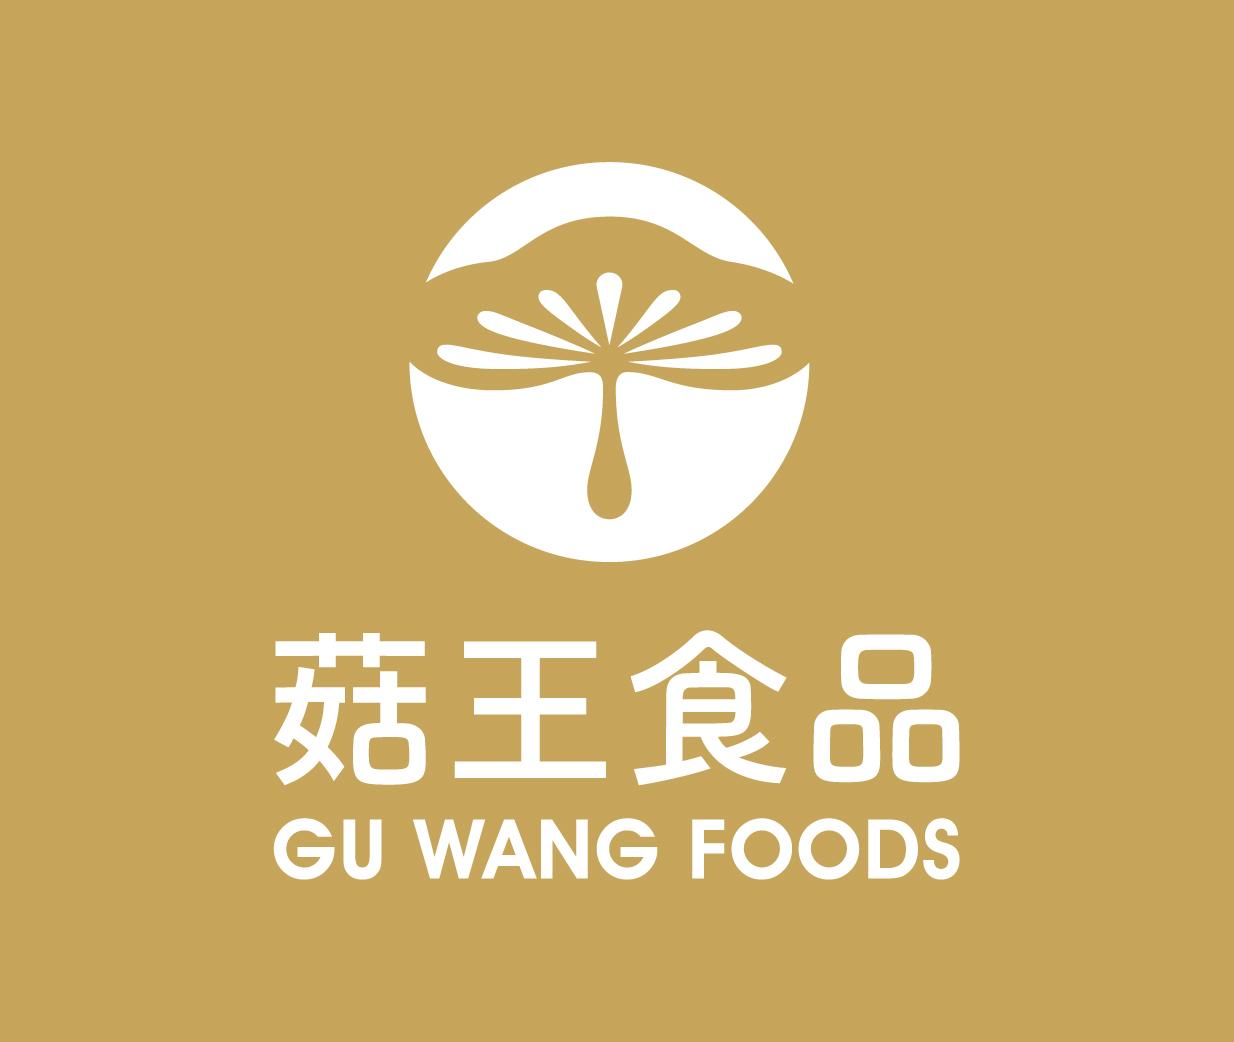 菇王食品企業有限公司